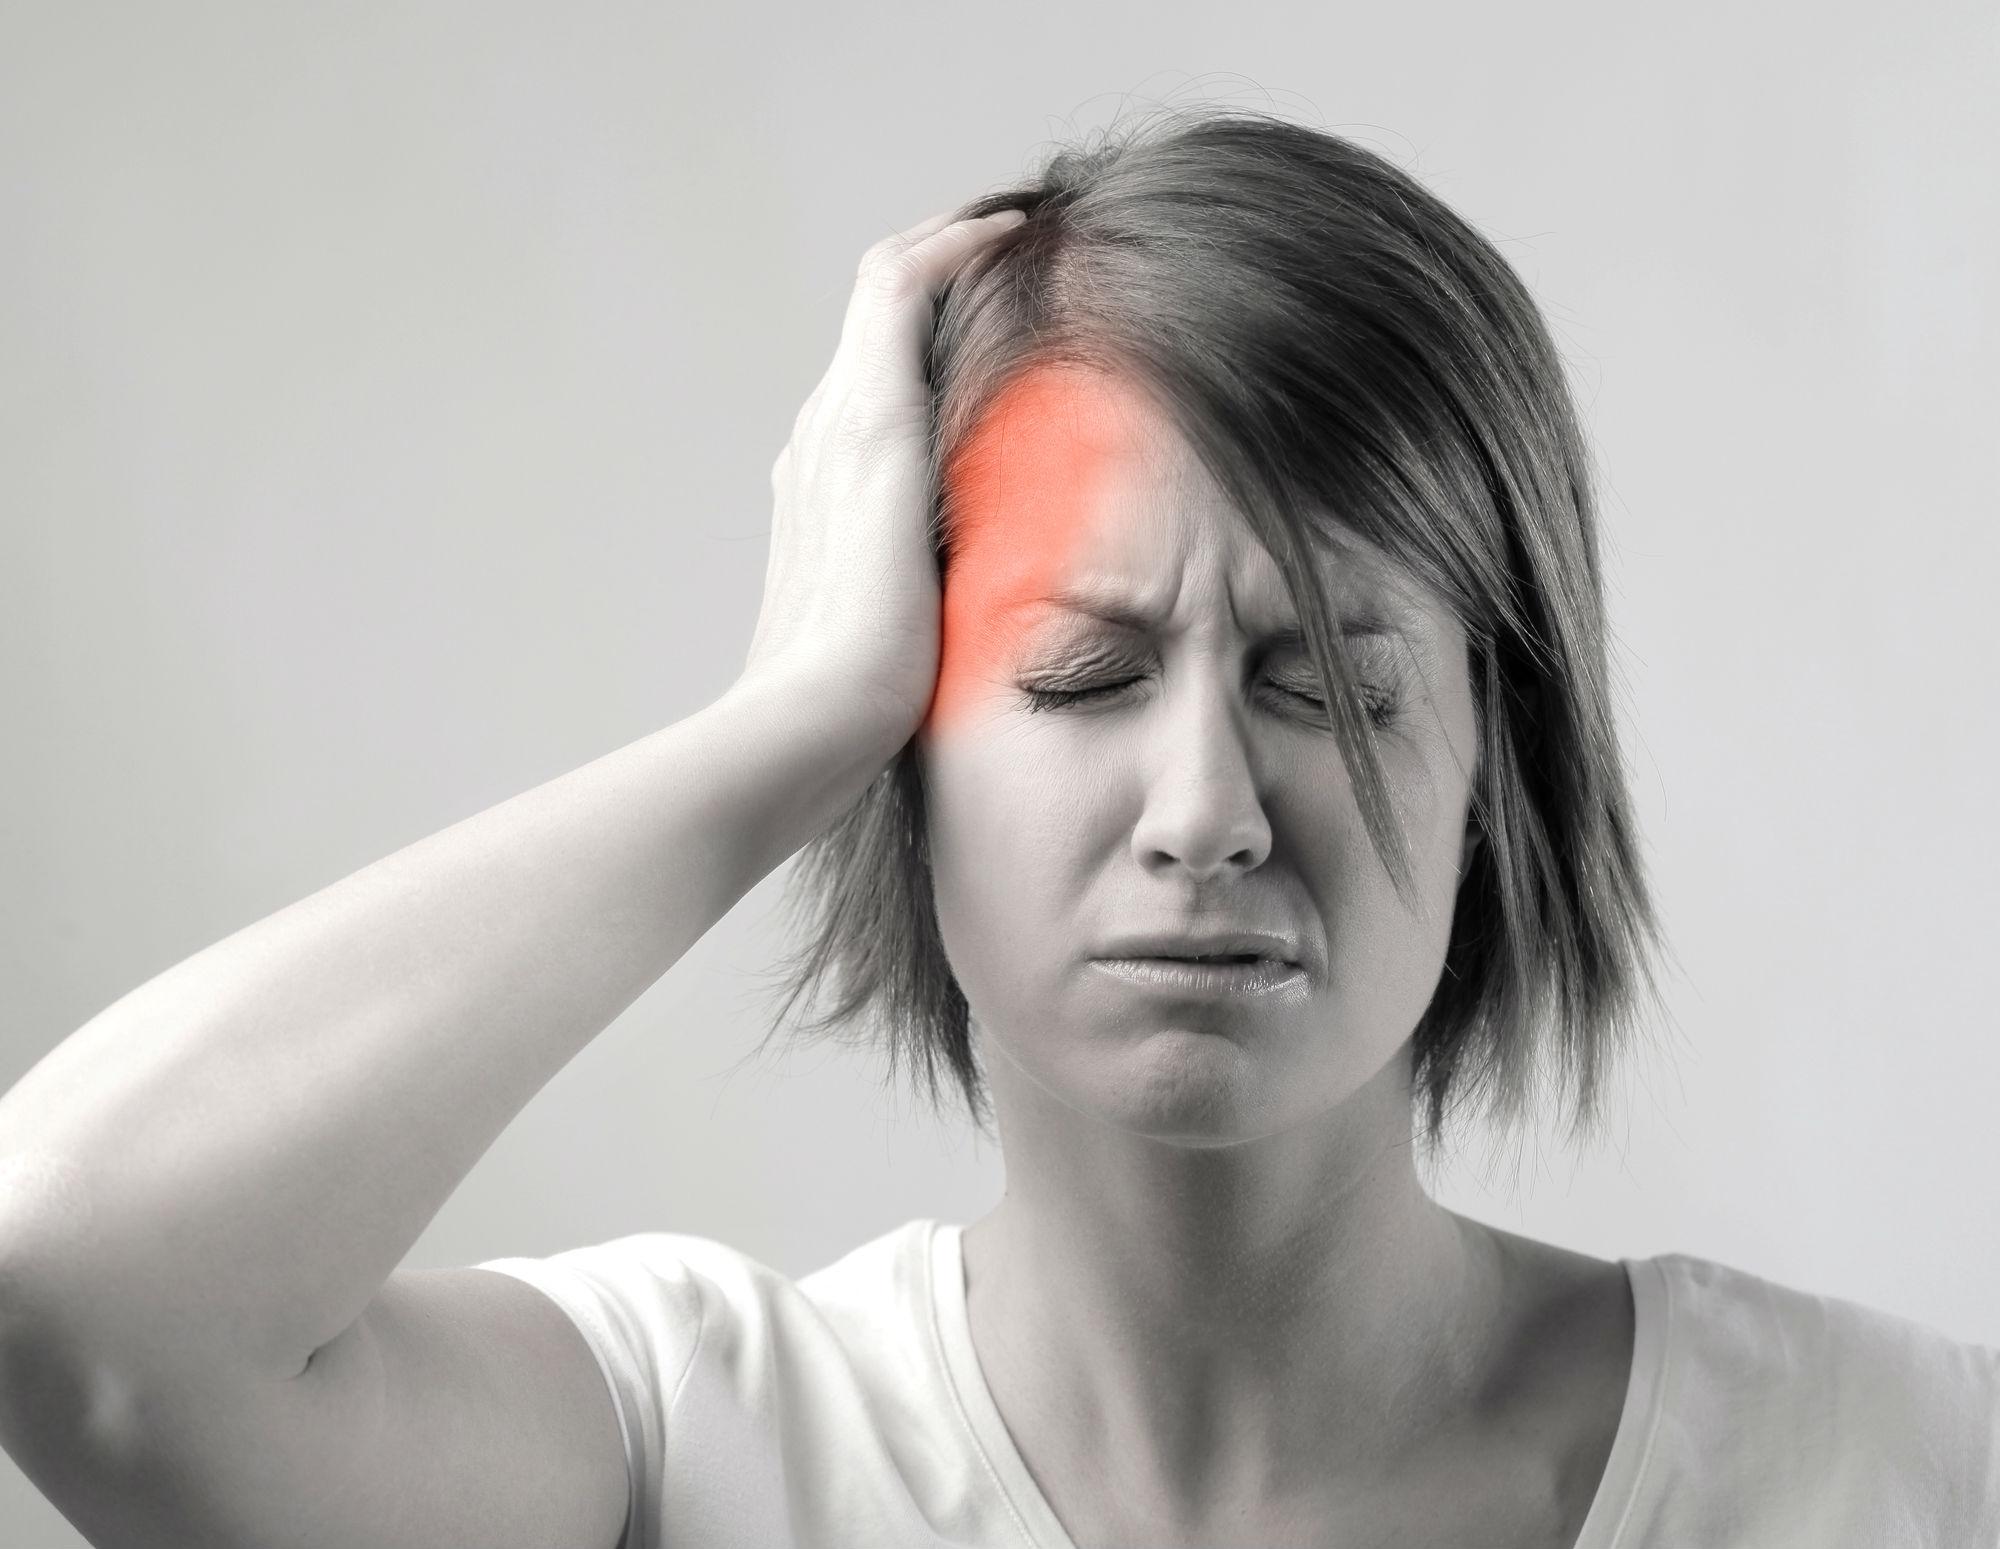 دراسة : نصف مرضى الصداع النصفي يعانون من اضطراب النوم